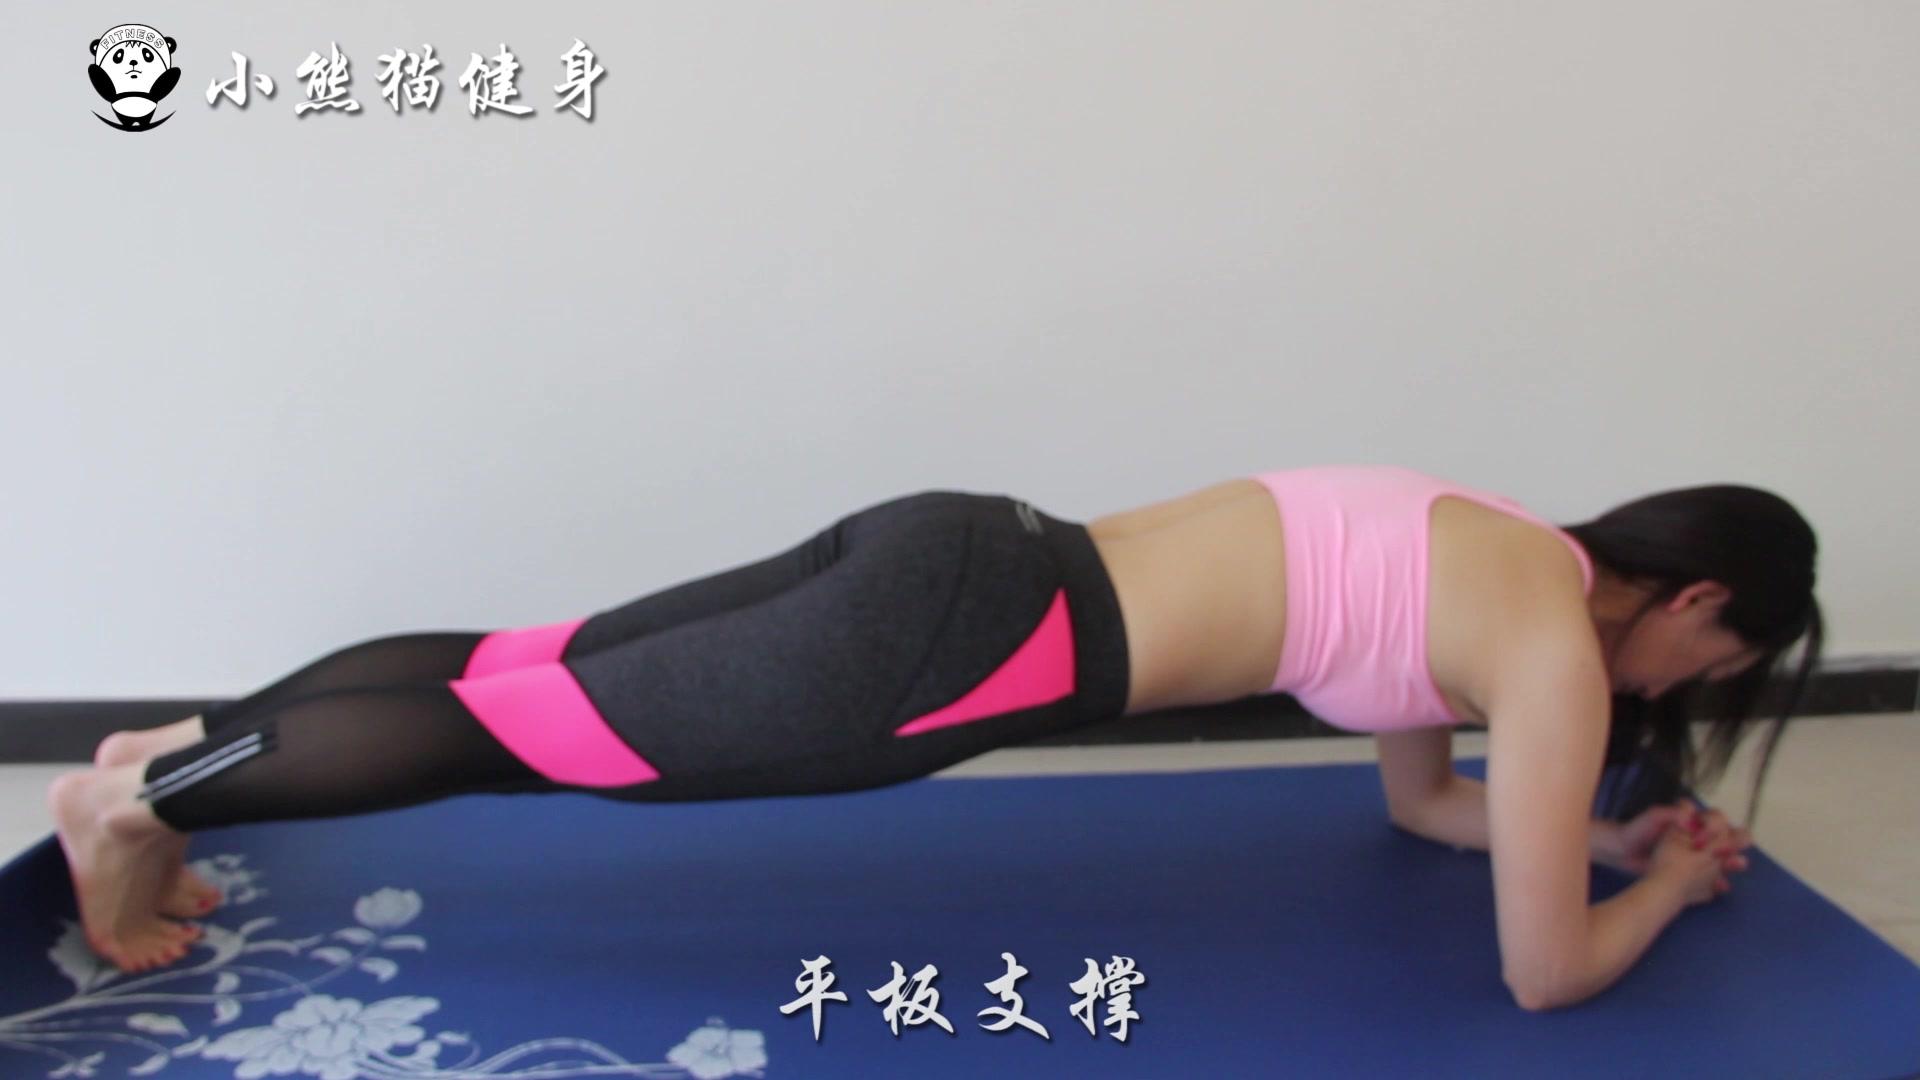 集 熊猫绒绒线马甲 小辛娜娜零基础编织教程